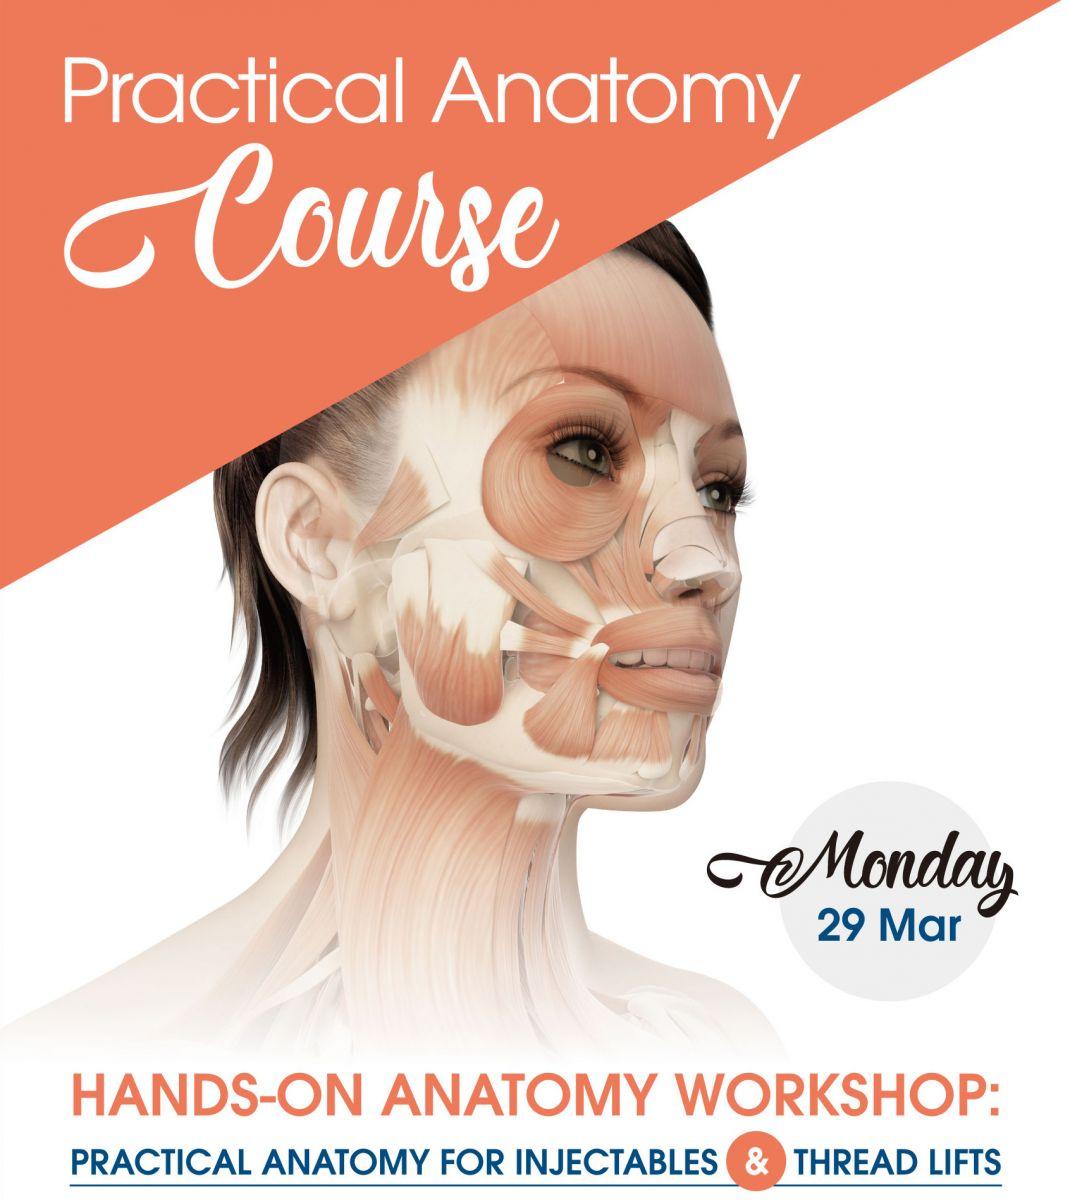 陳美齡醫師參與由皮膚科/皮膚美容内科醫學會舉辦的佳构剖解課程